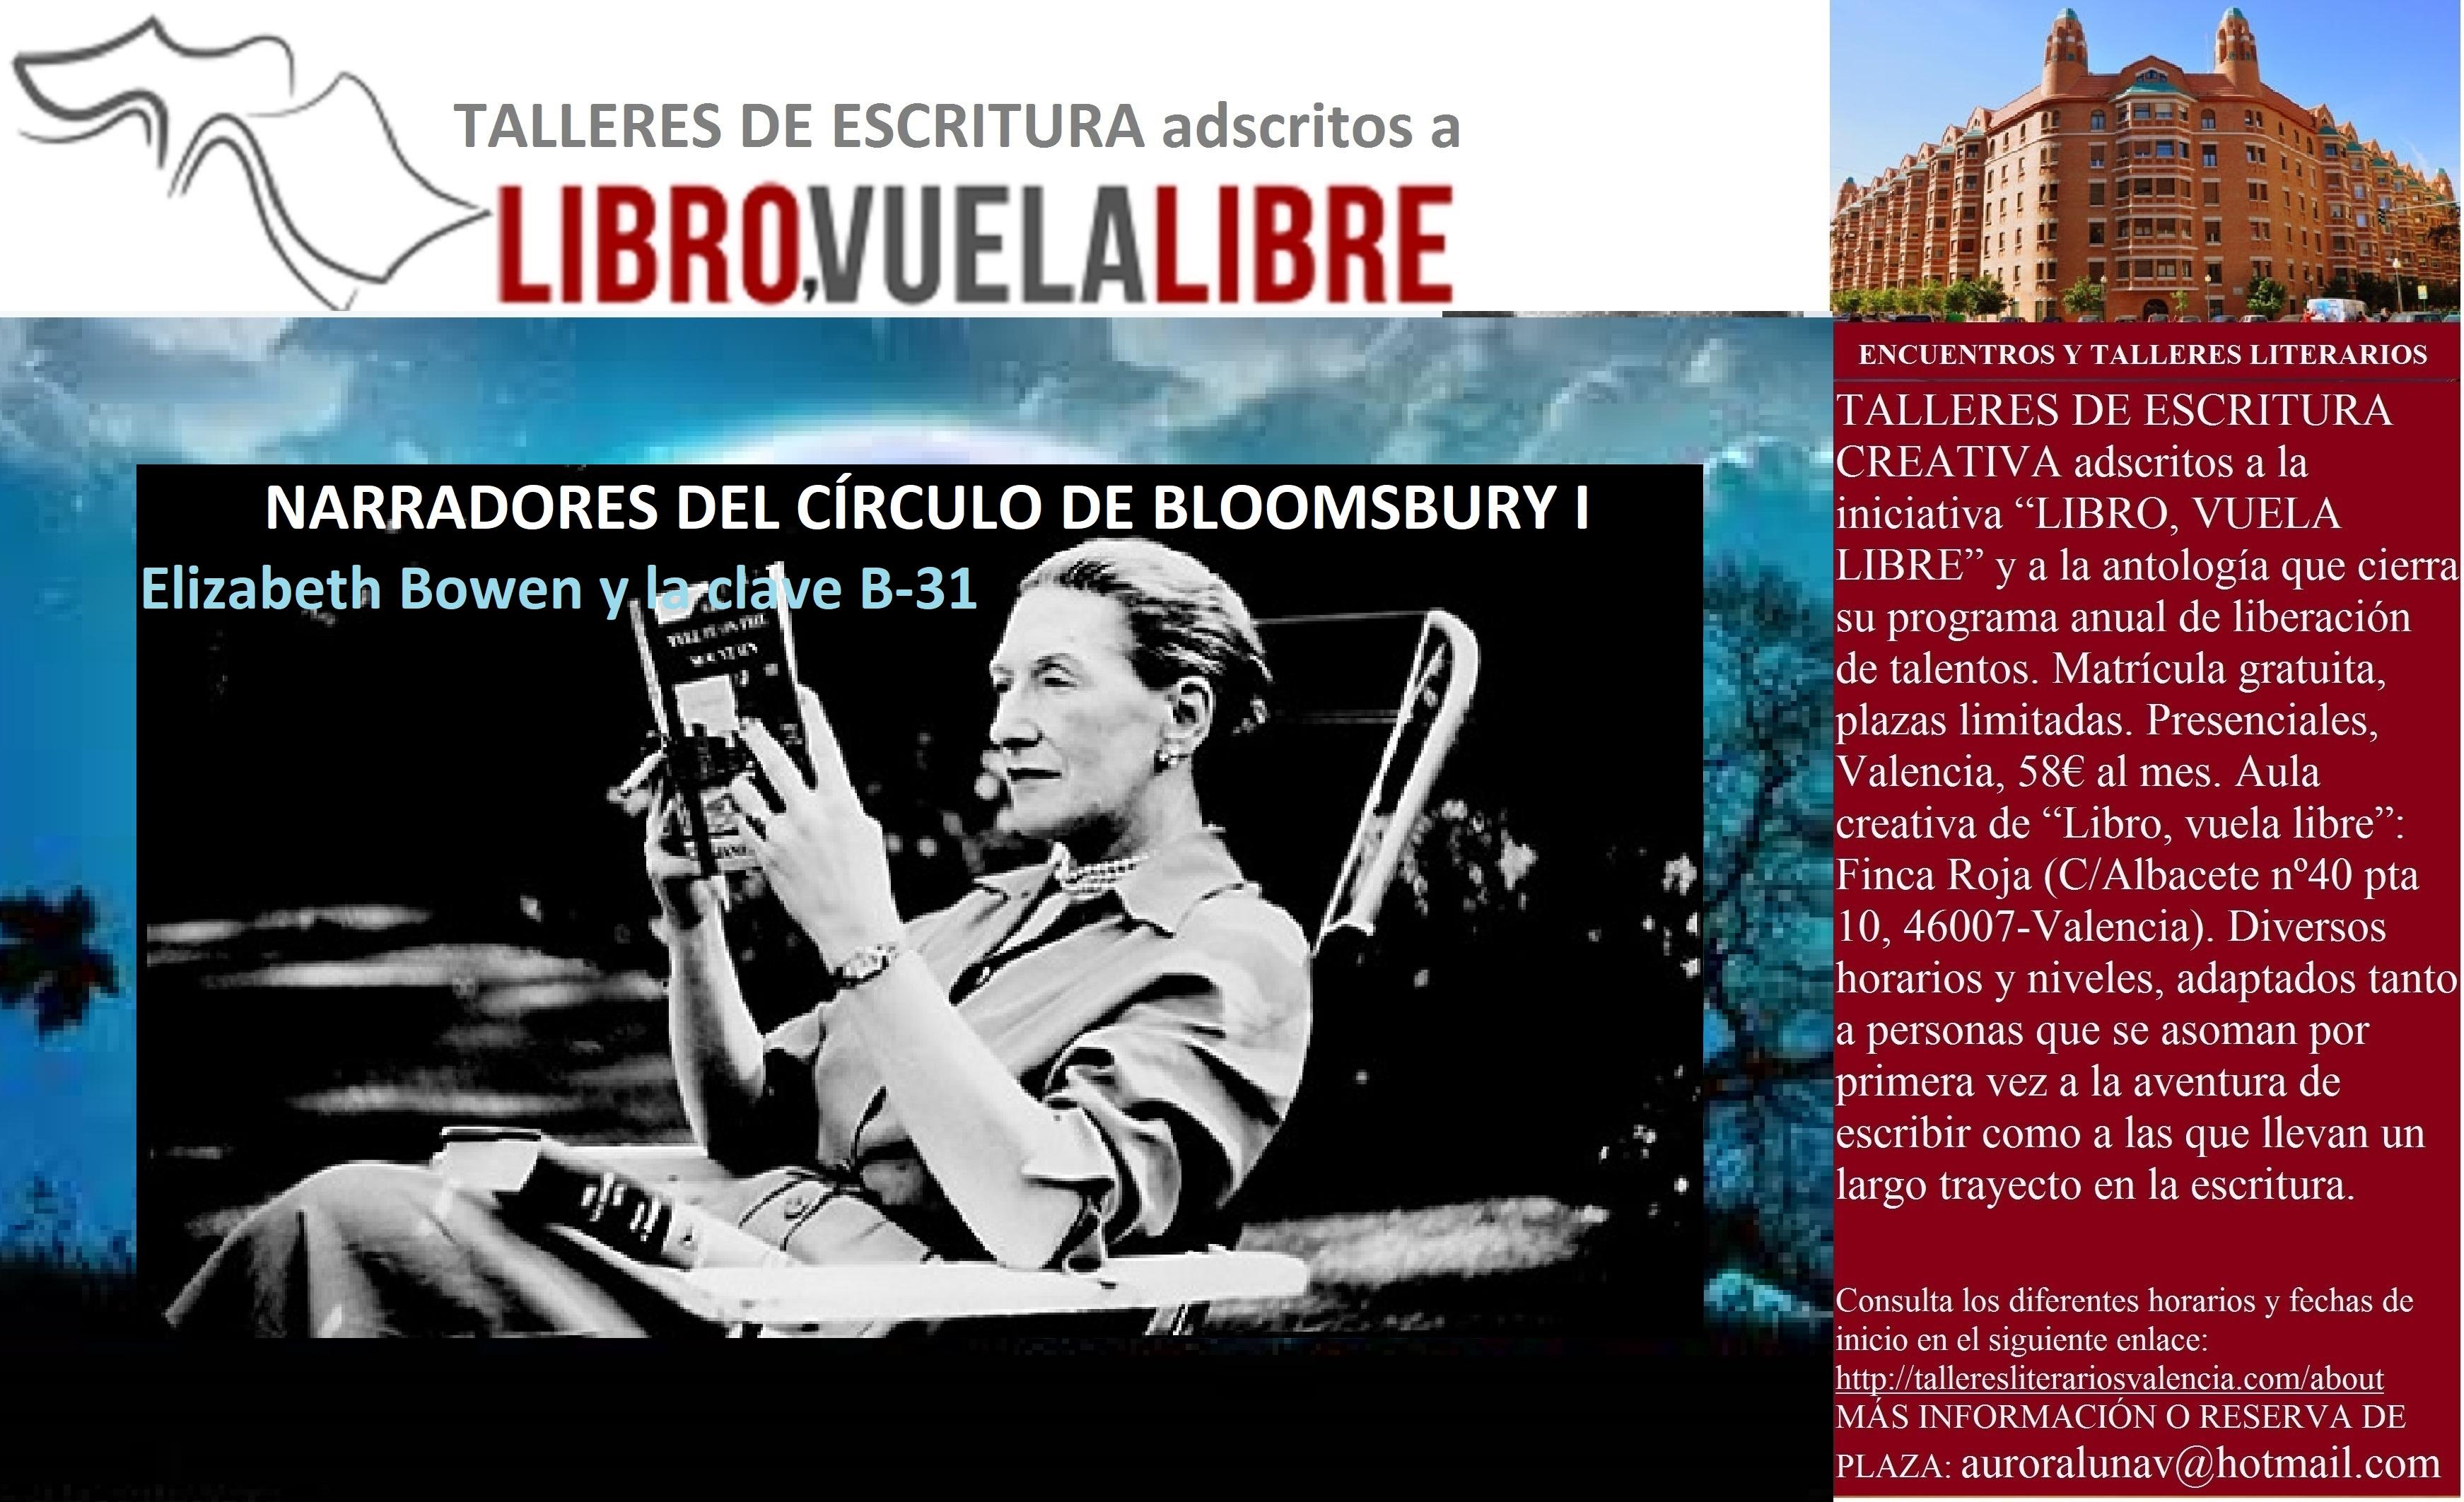 CÍRCULO DE BLOOMSBURY (I). Cursos de escritura, narradores de la clave B-31